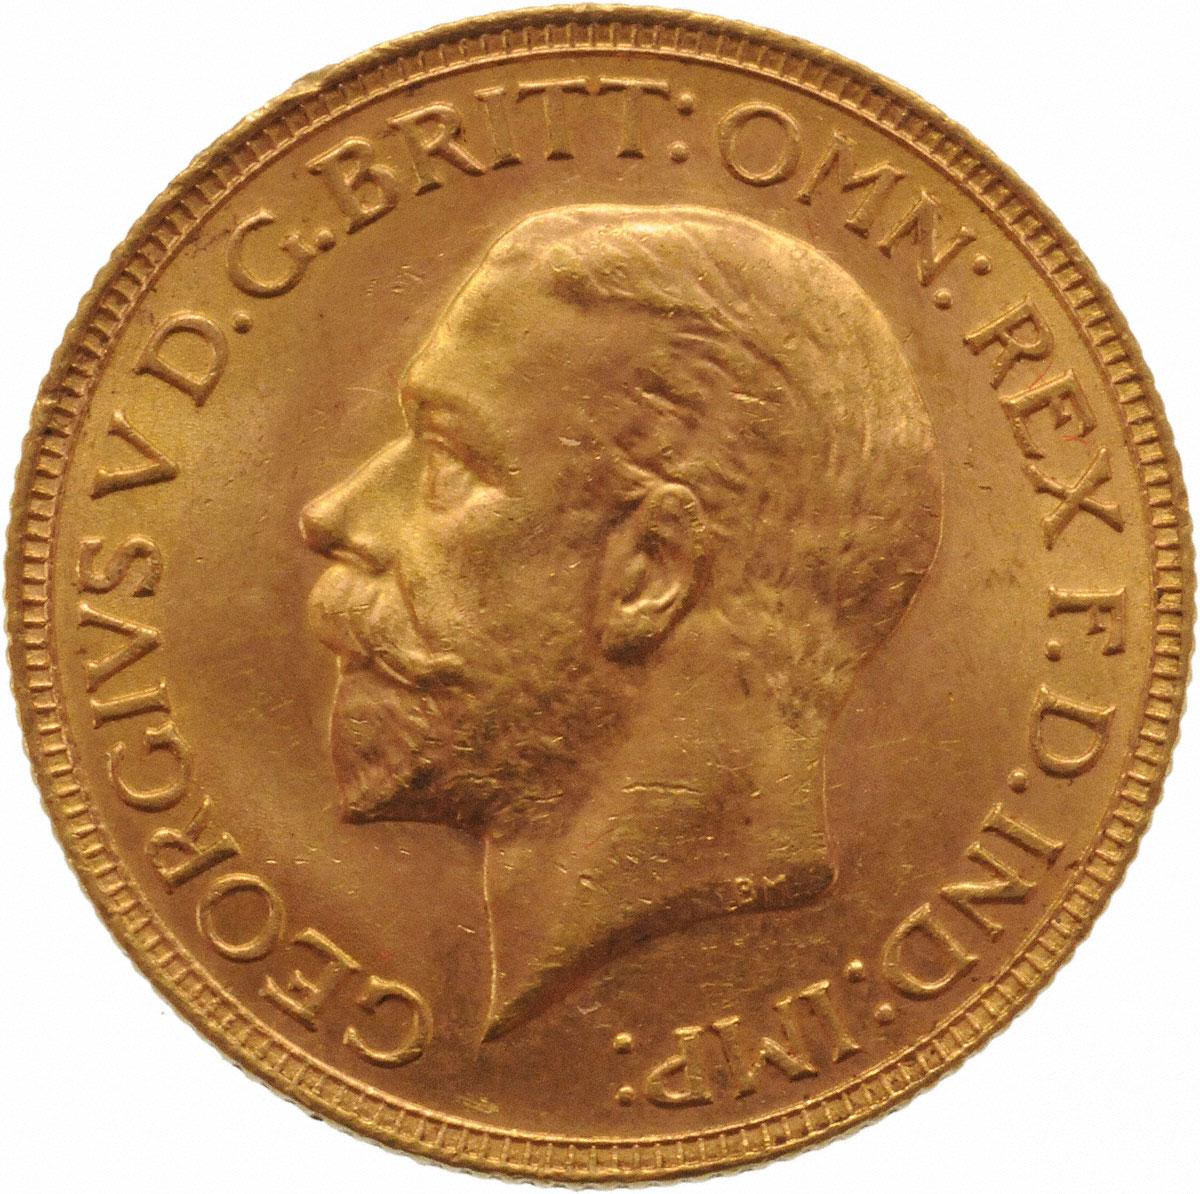 1932 Γεώργιος Ε' (Νομισματοκοπείο Πρετόρια, Νότια Αφρική)